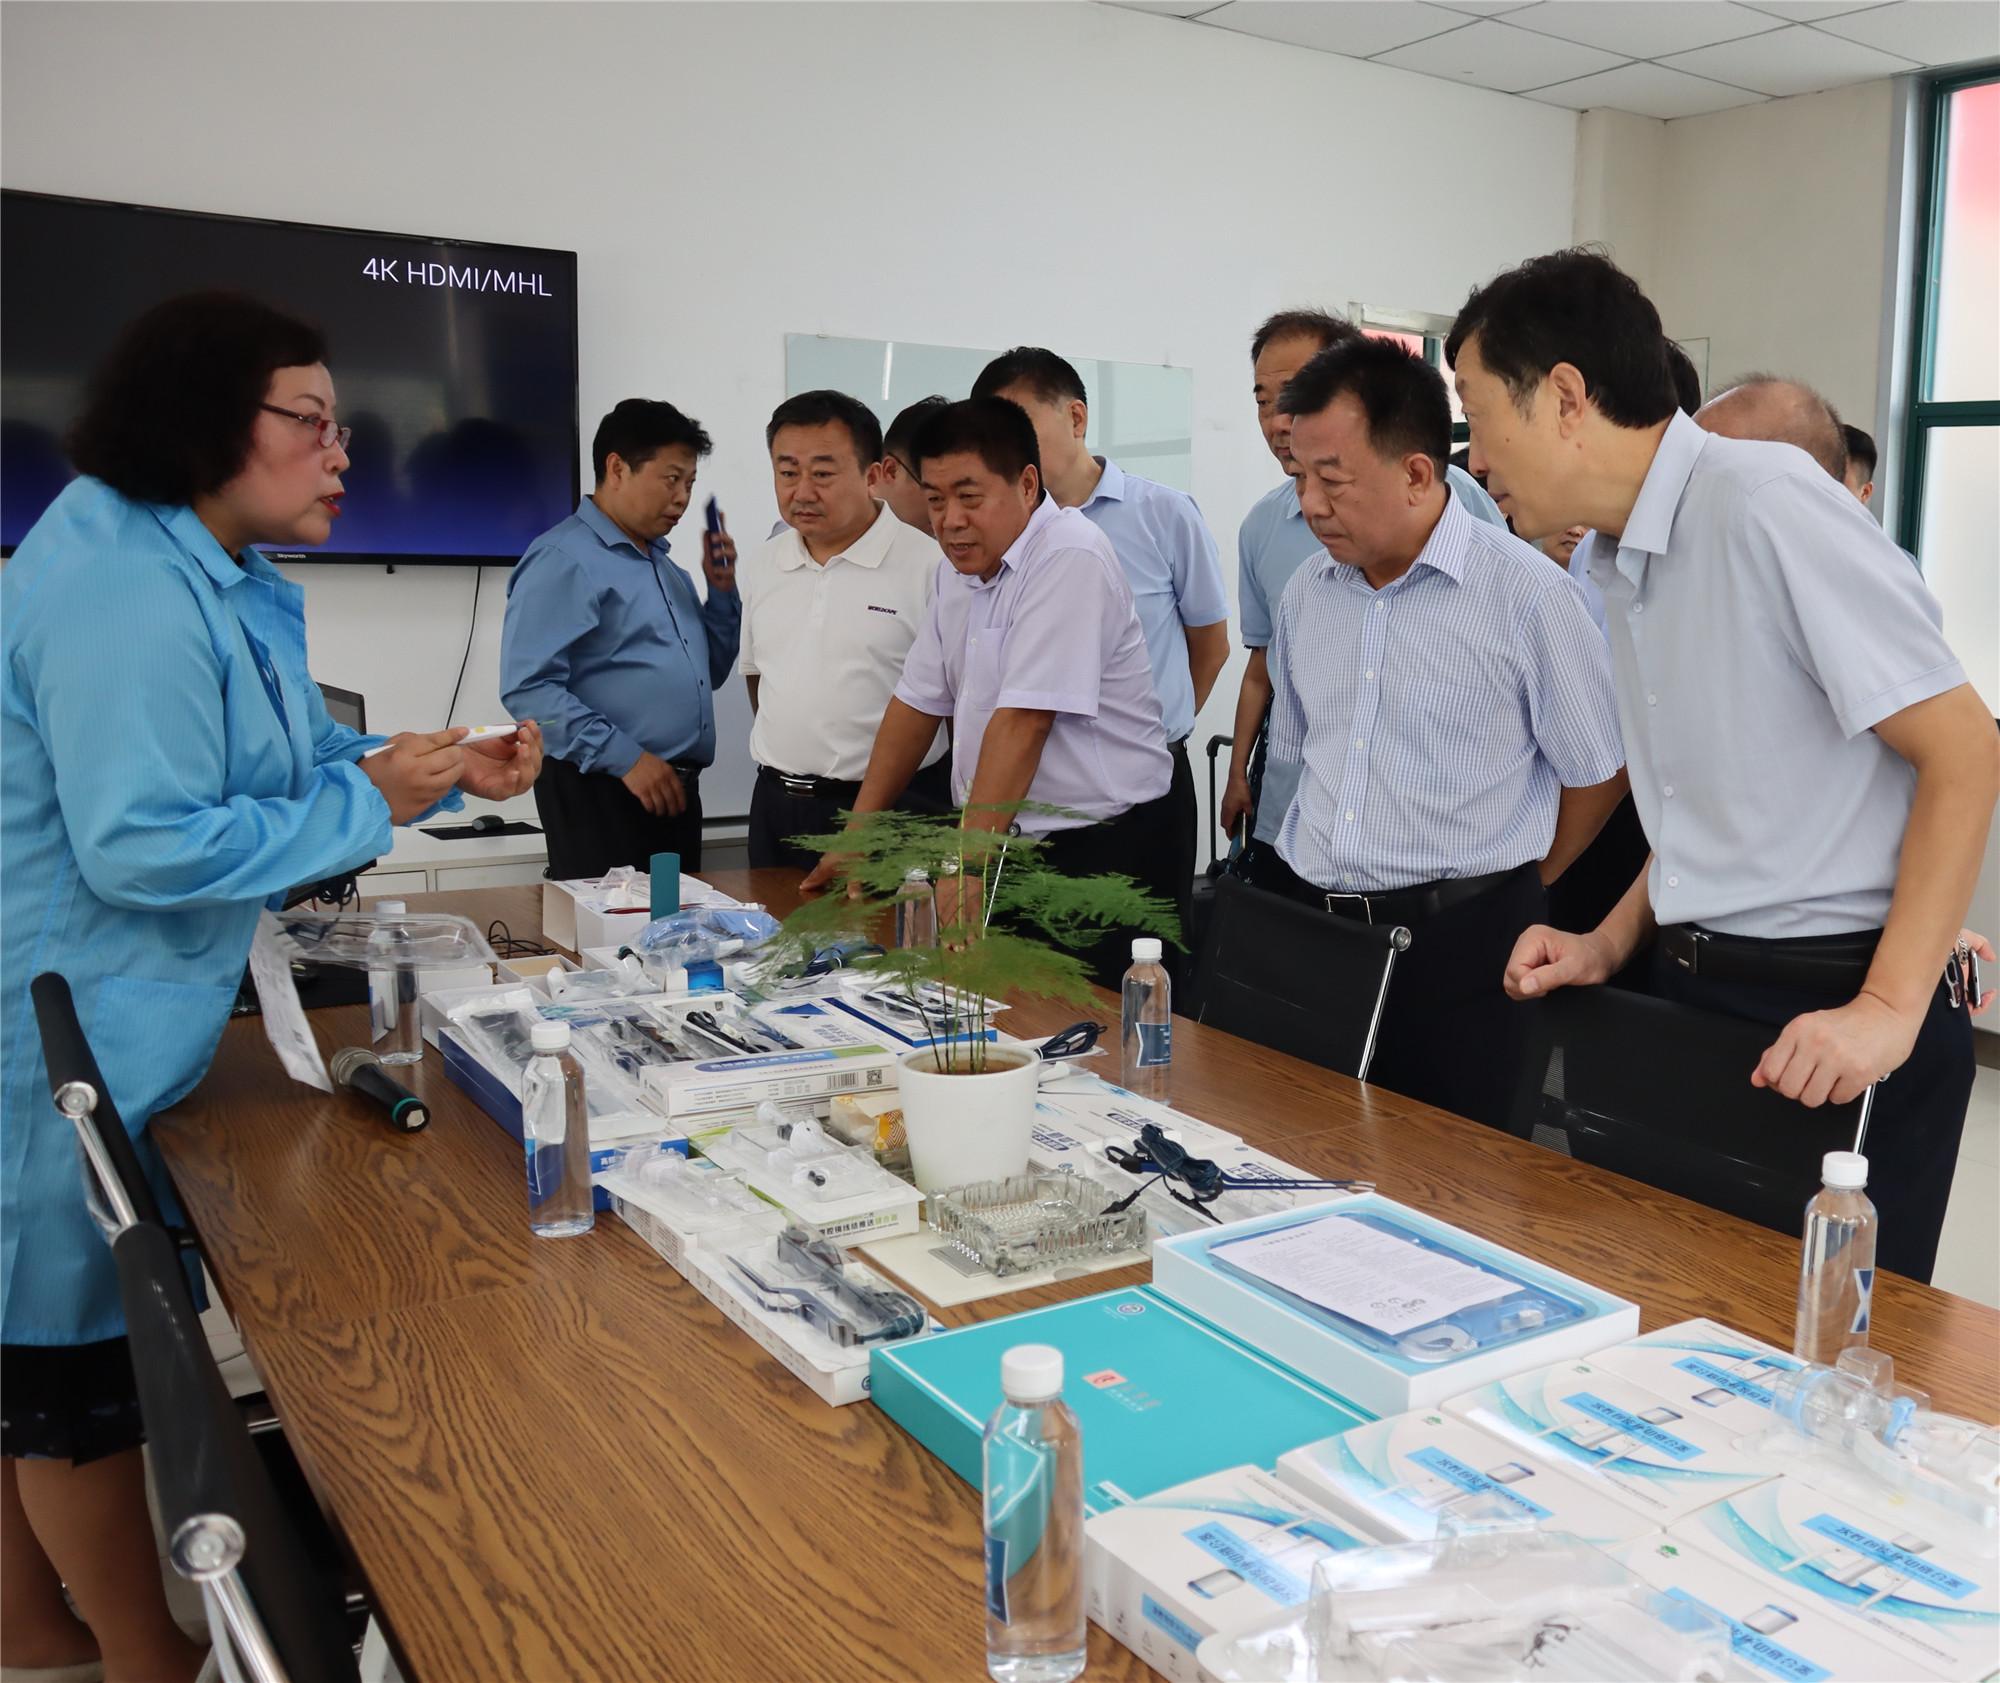 9月3日市政协视察组到我县开展视察工作.4_副本.jpg